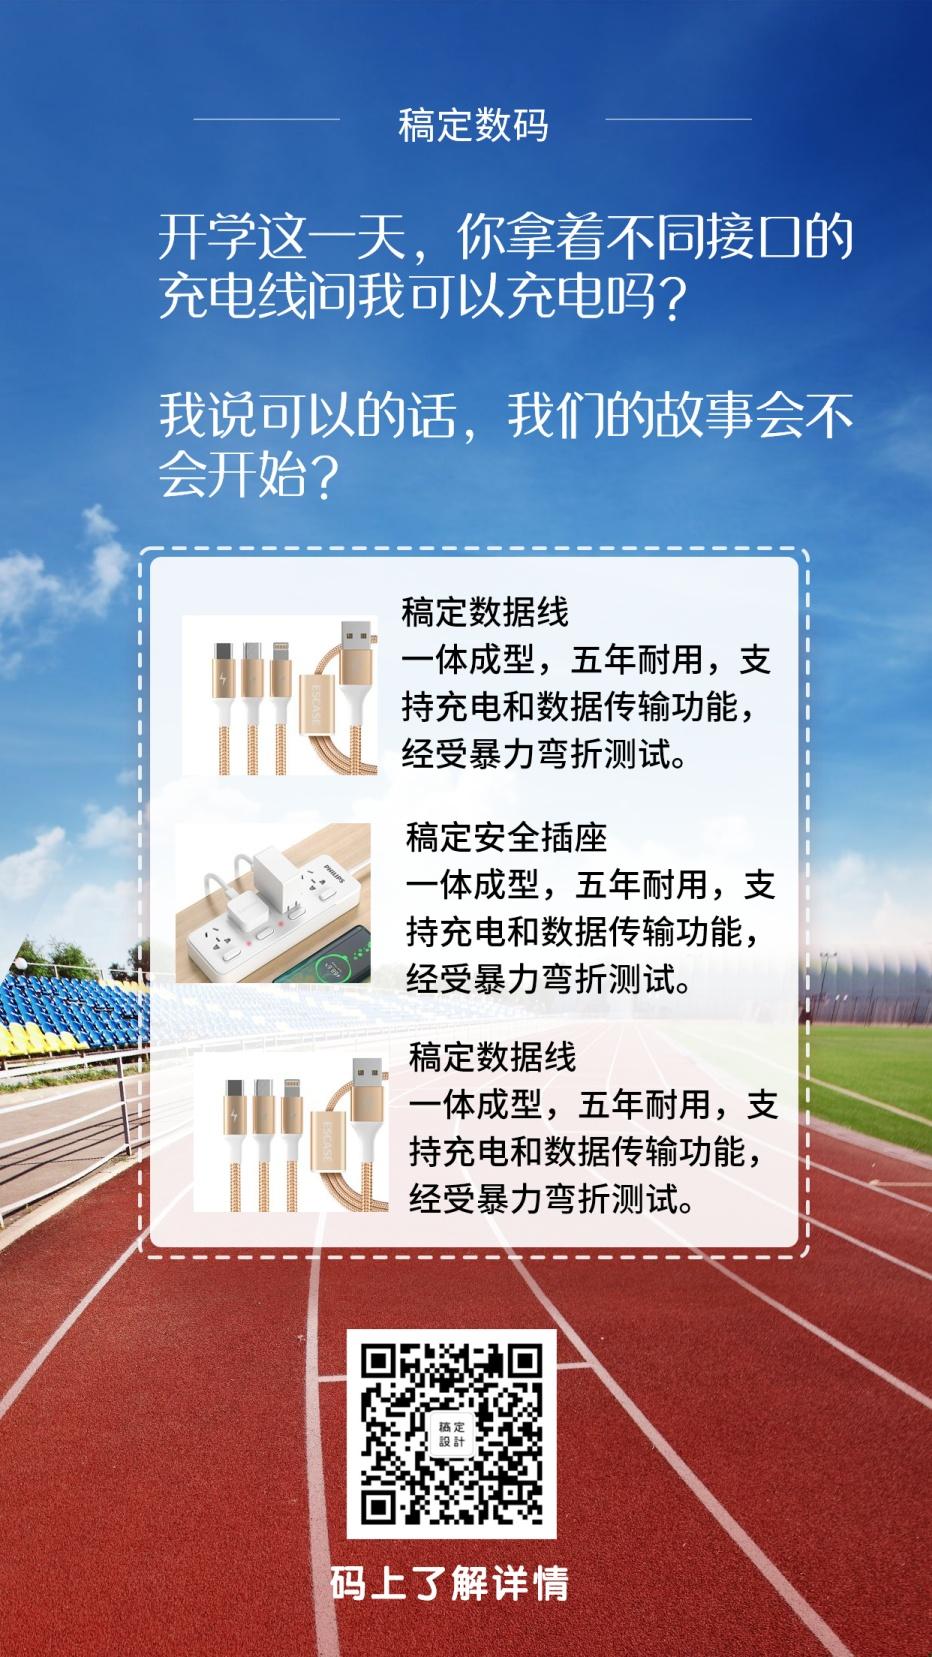 开学季/数码电子/创意/产品推广/手机海报